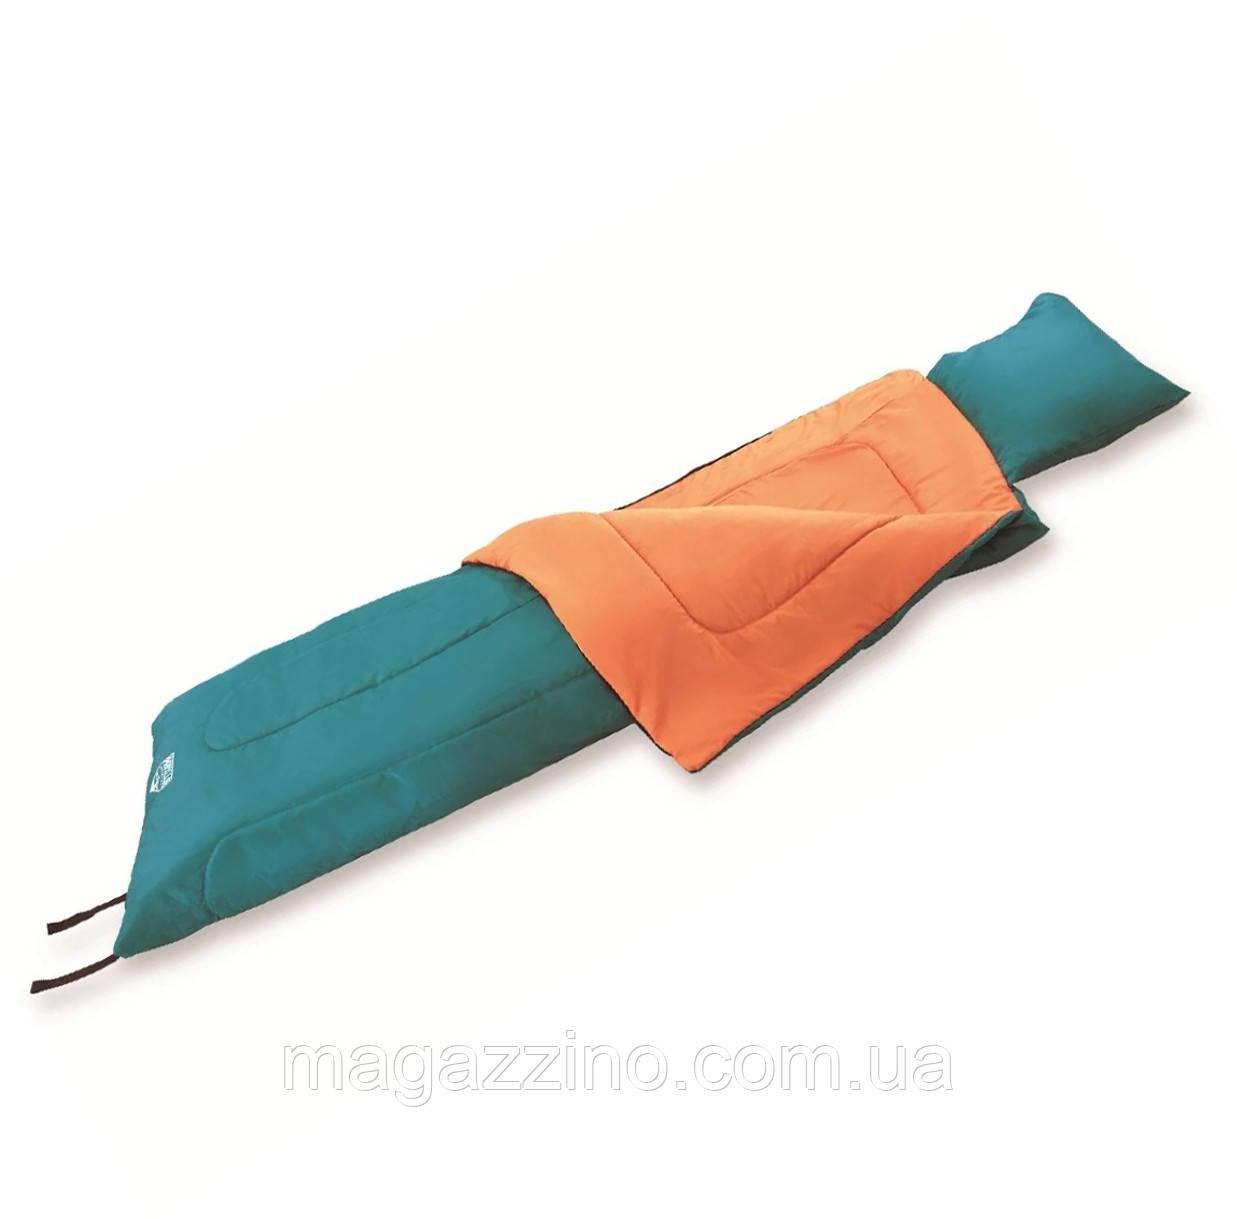 Спальный мешок одеяло, Bestway Hibernator-200, 190 x 85 см.